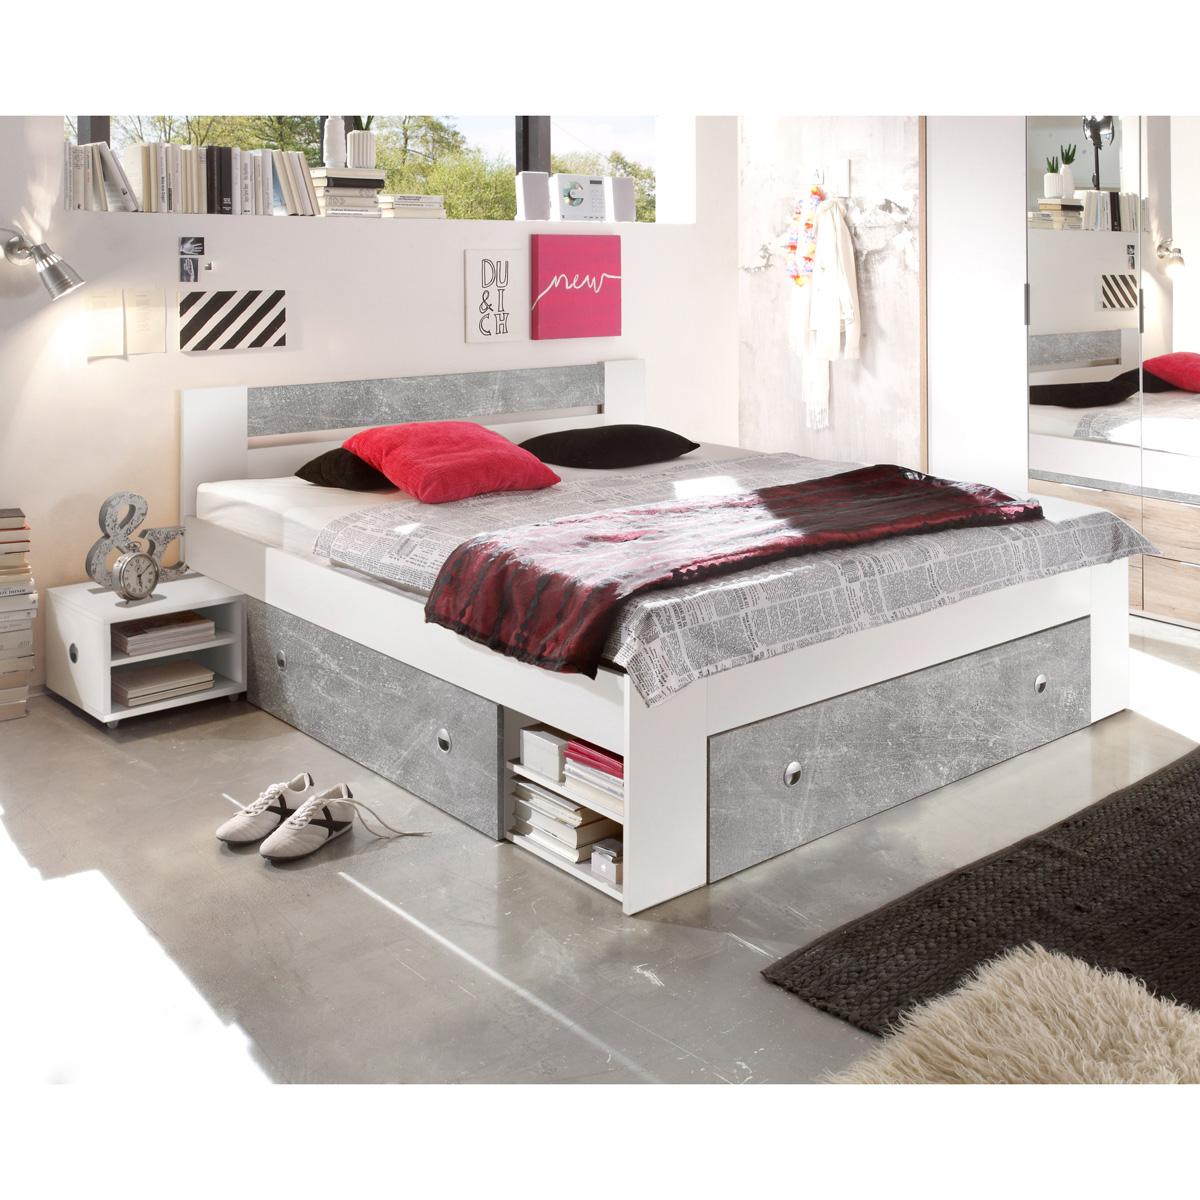 bettanlage stefan funktionsbett bett inkl 2 nachtkommoden und 3 schubk sten ebay. Black Bedroom Furniture Sets. Home Design Ideas